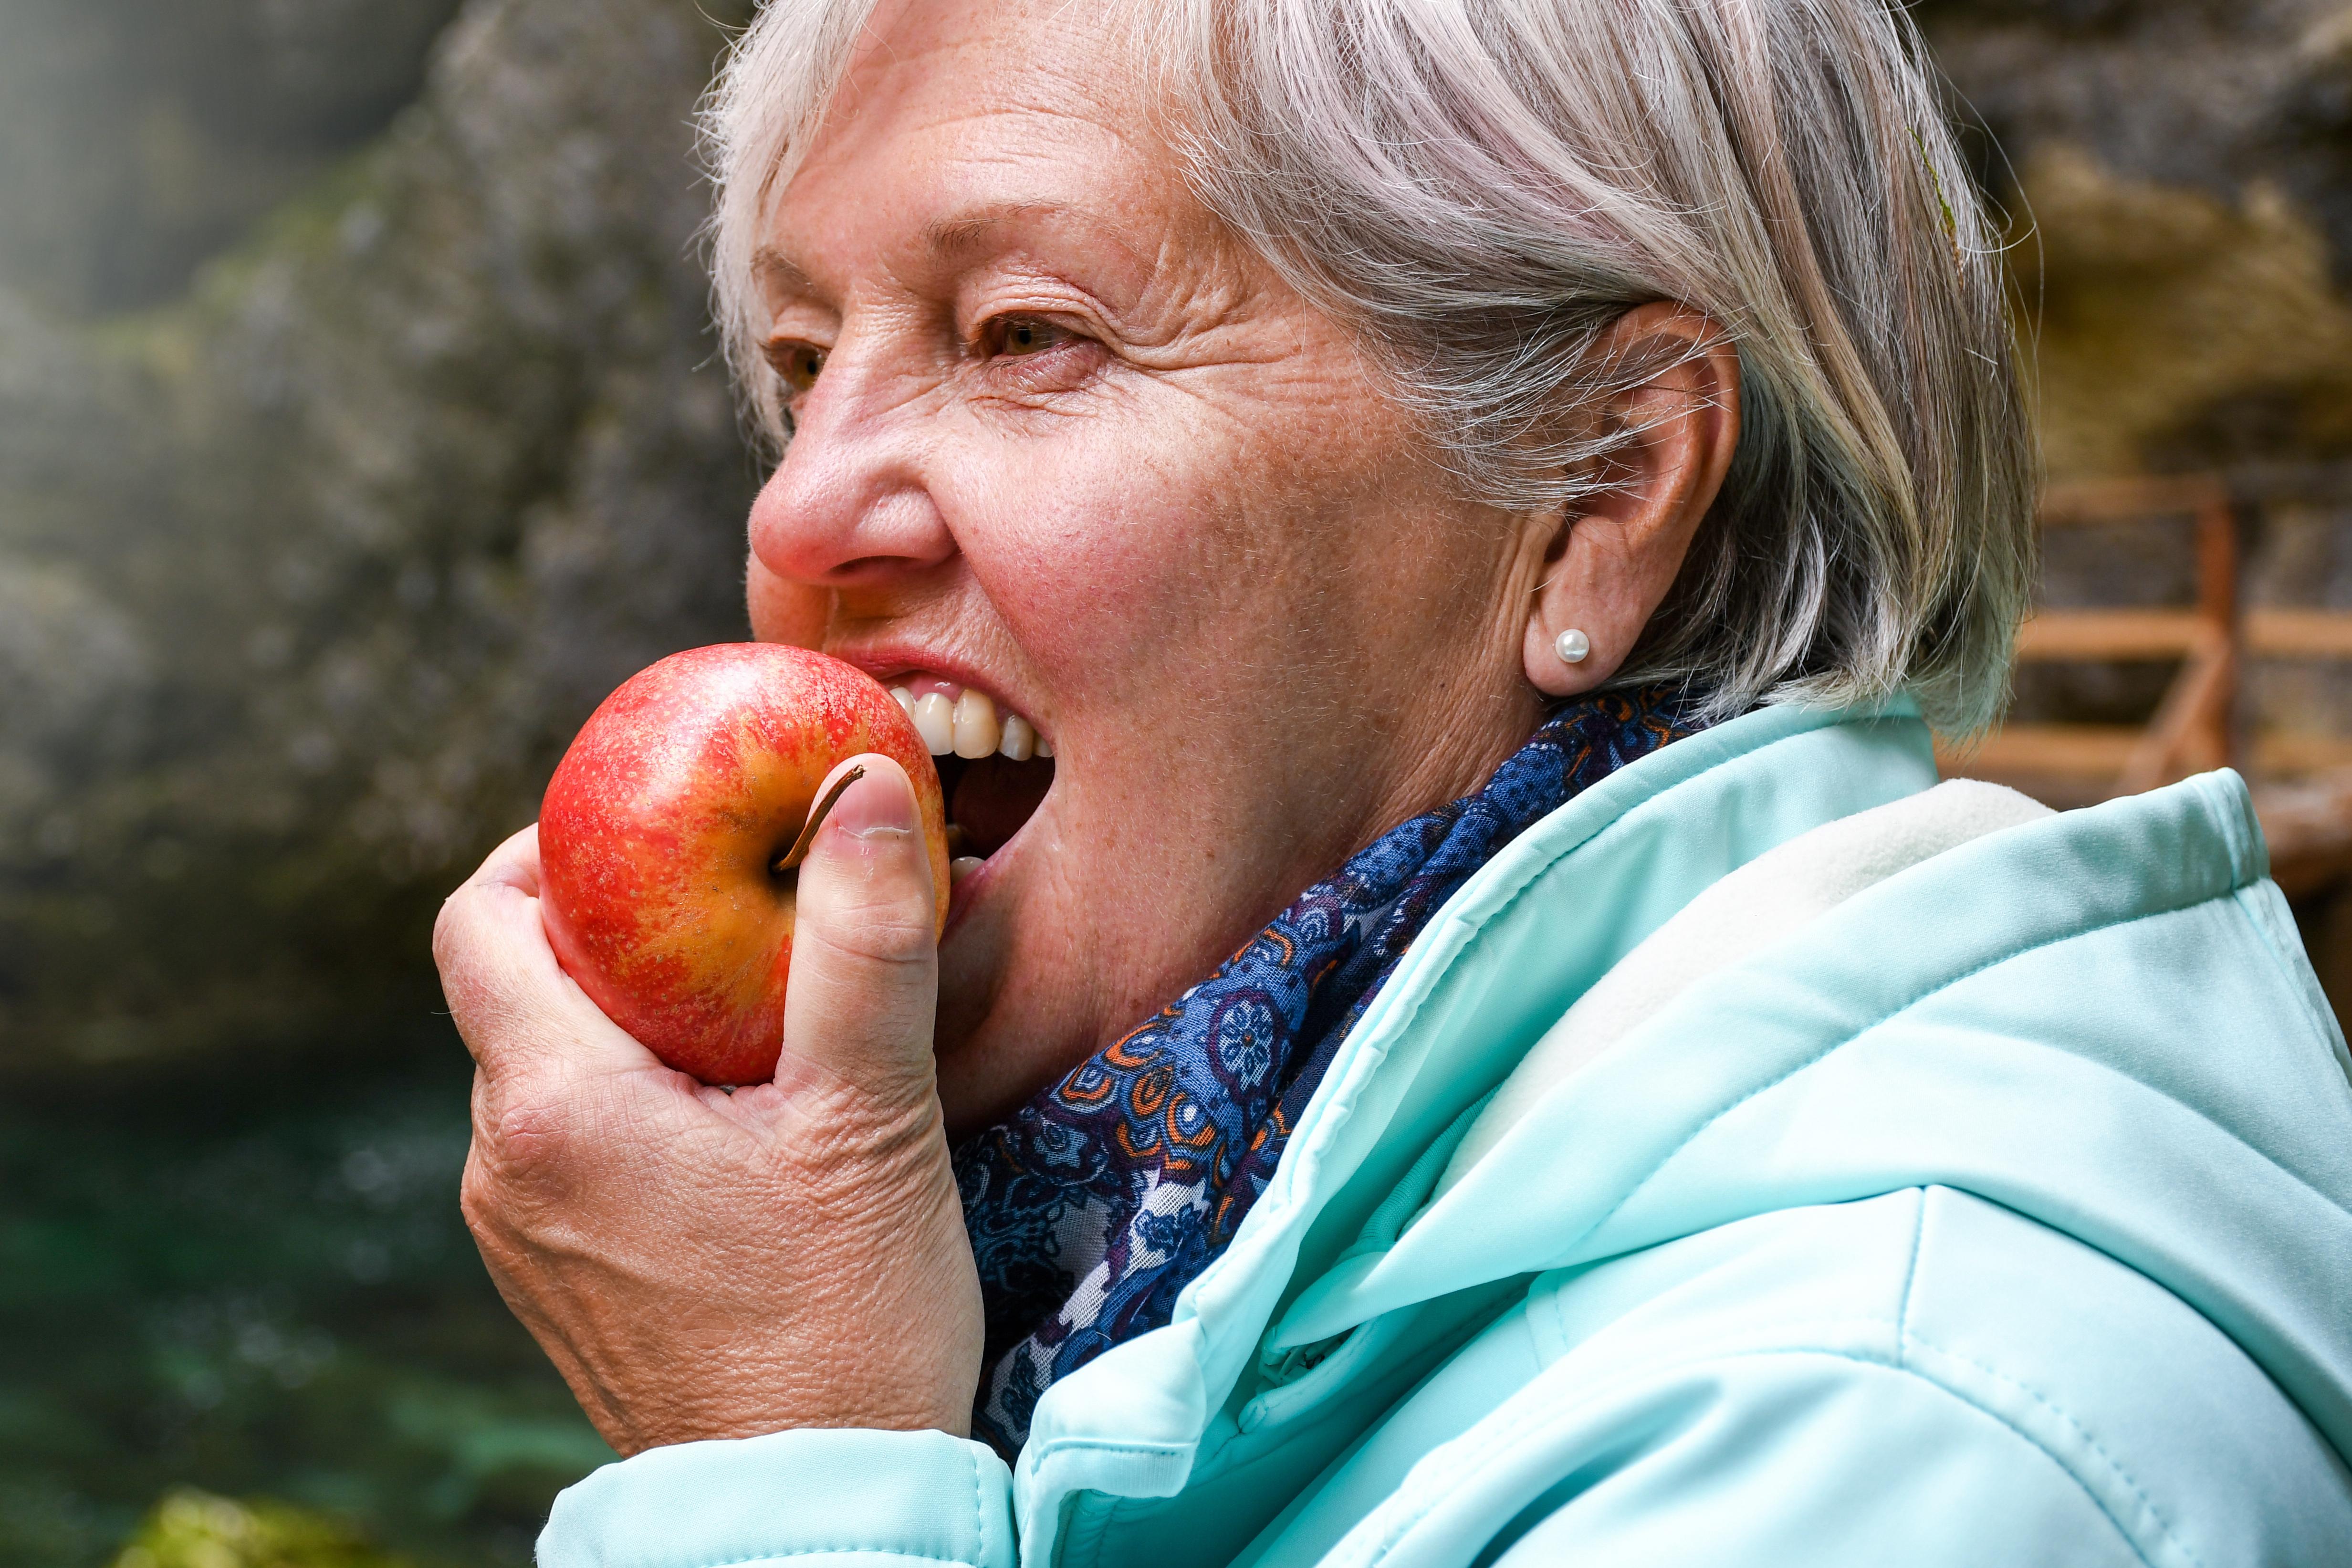 Magsyra och frukt fräter på tänderna, och de som äter äpplen och citrusfrukter dagligen har större erosionsskador menar ST-tandläkare Susanna Gillborg.